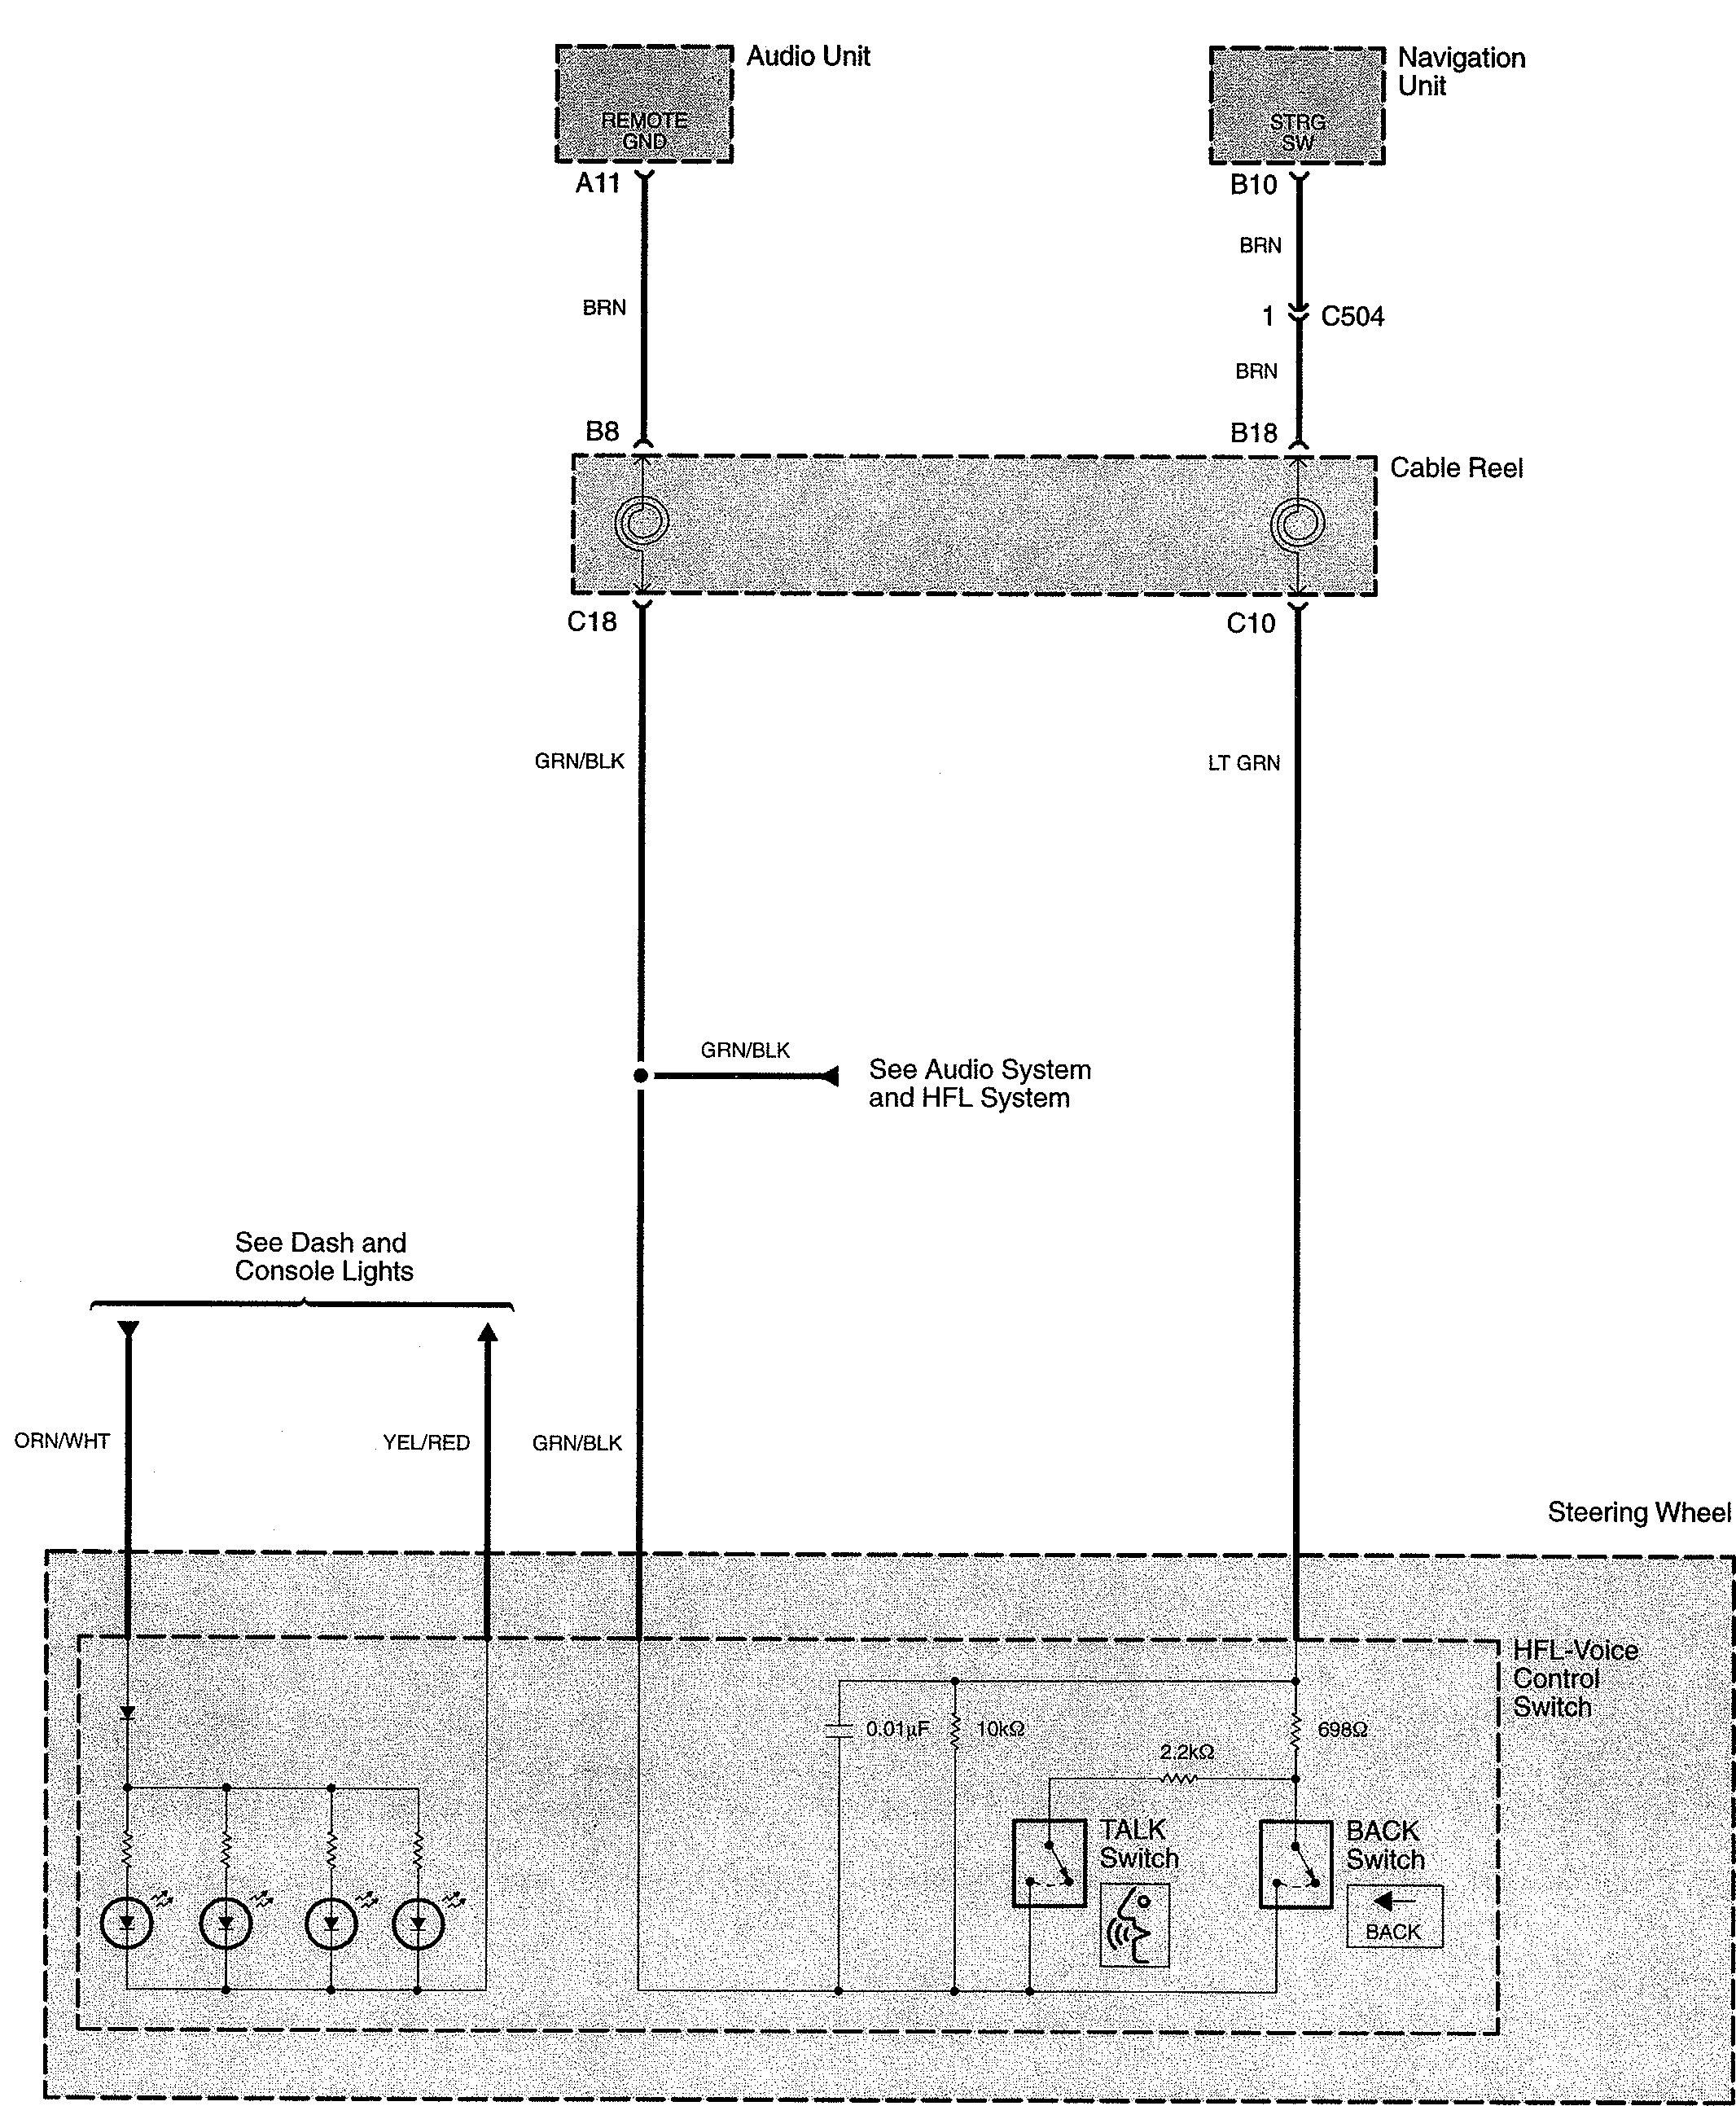 97 E350 Wiring Harness Great Design Of Diagram 2008 Goshen Coach Miata Fuse Box Ford Kits Boat